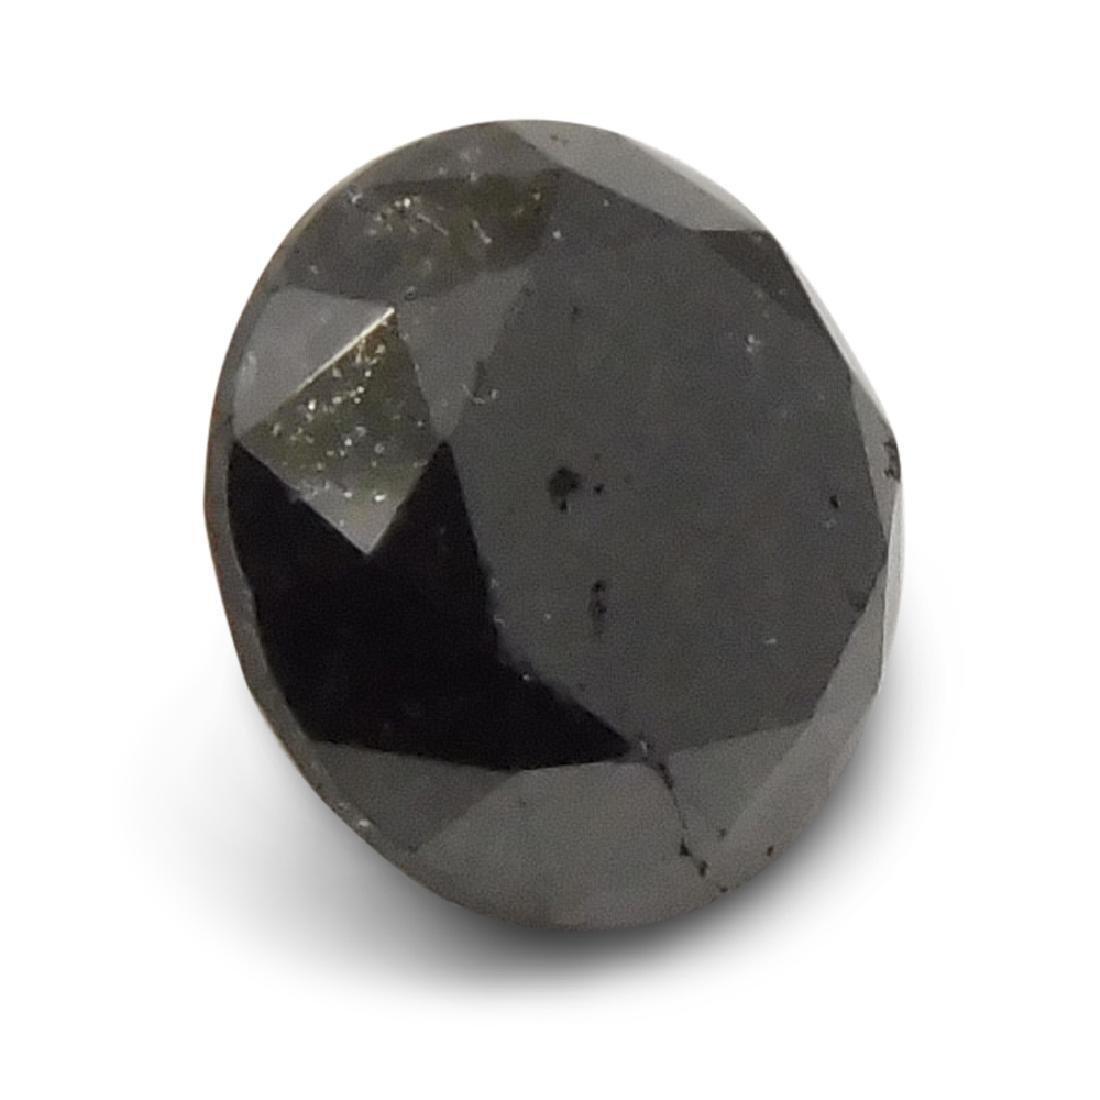 1.9 Carat Loose Round Black Diamond - 6